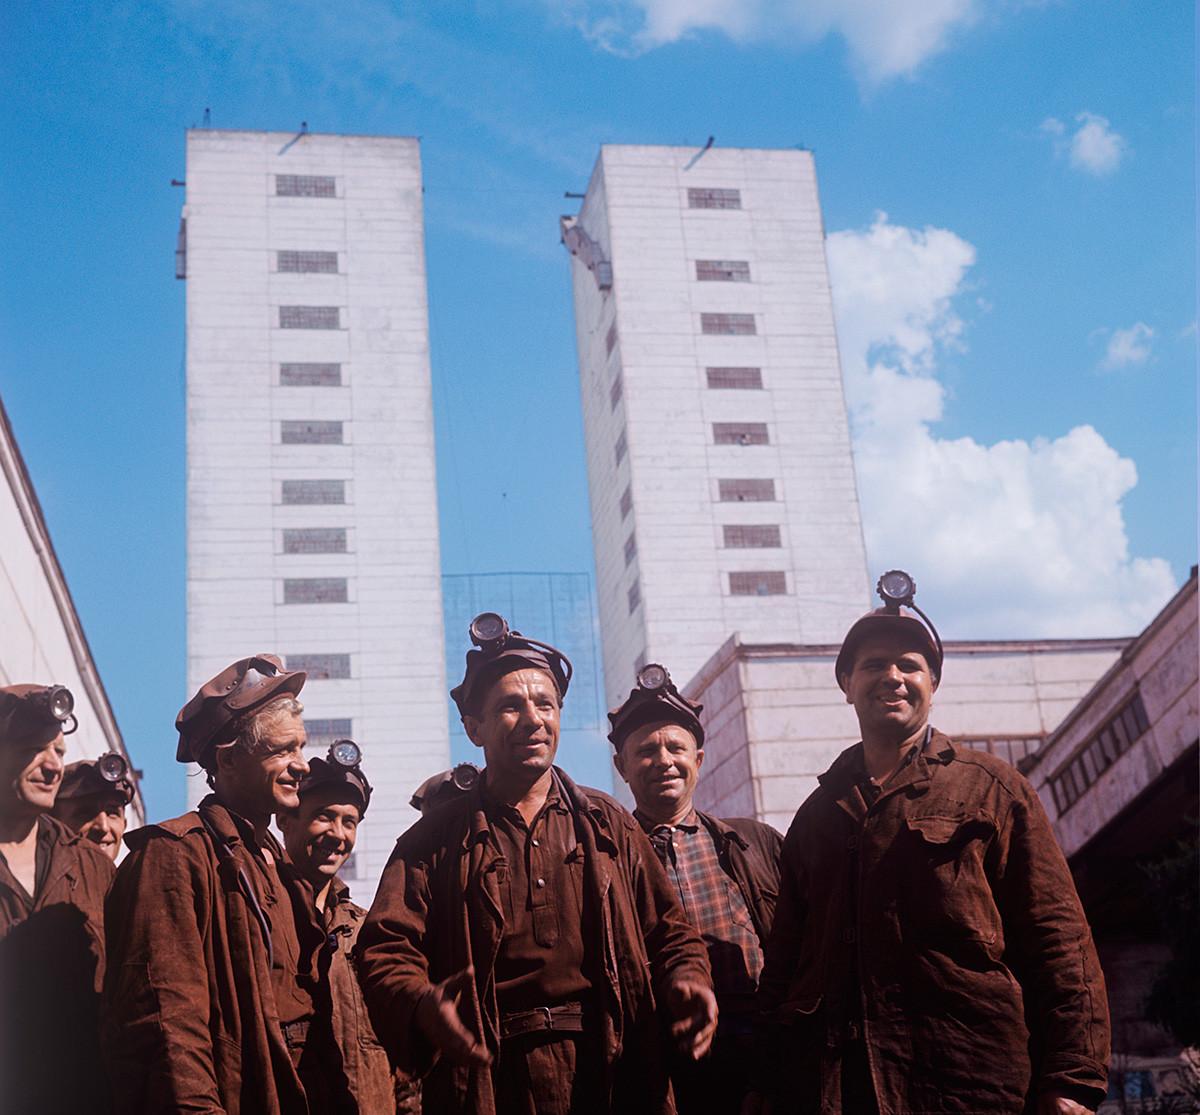 Одна из бригад шахты «Гвардейская» в Кривом Роге, 1970